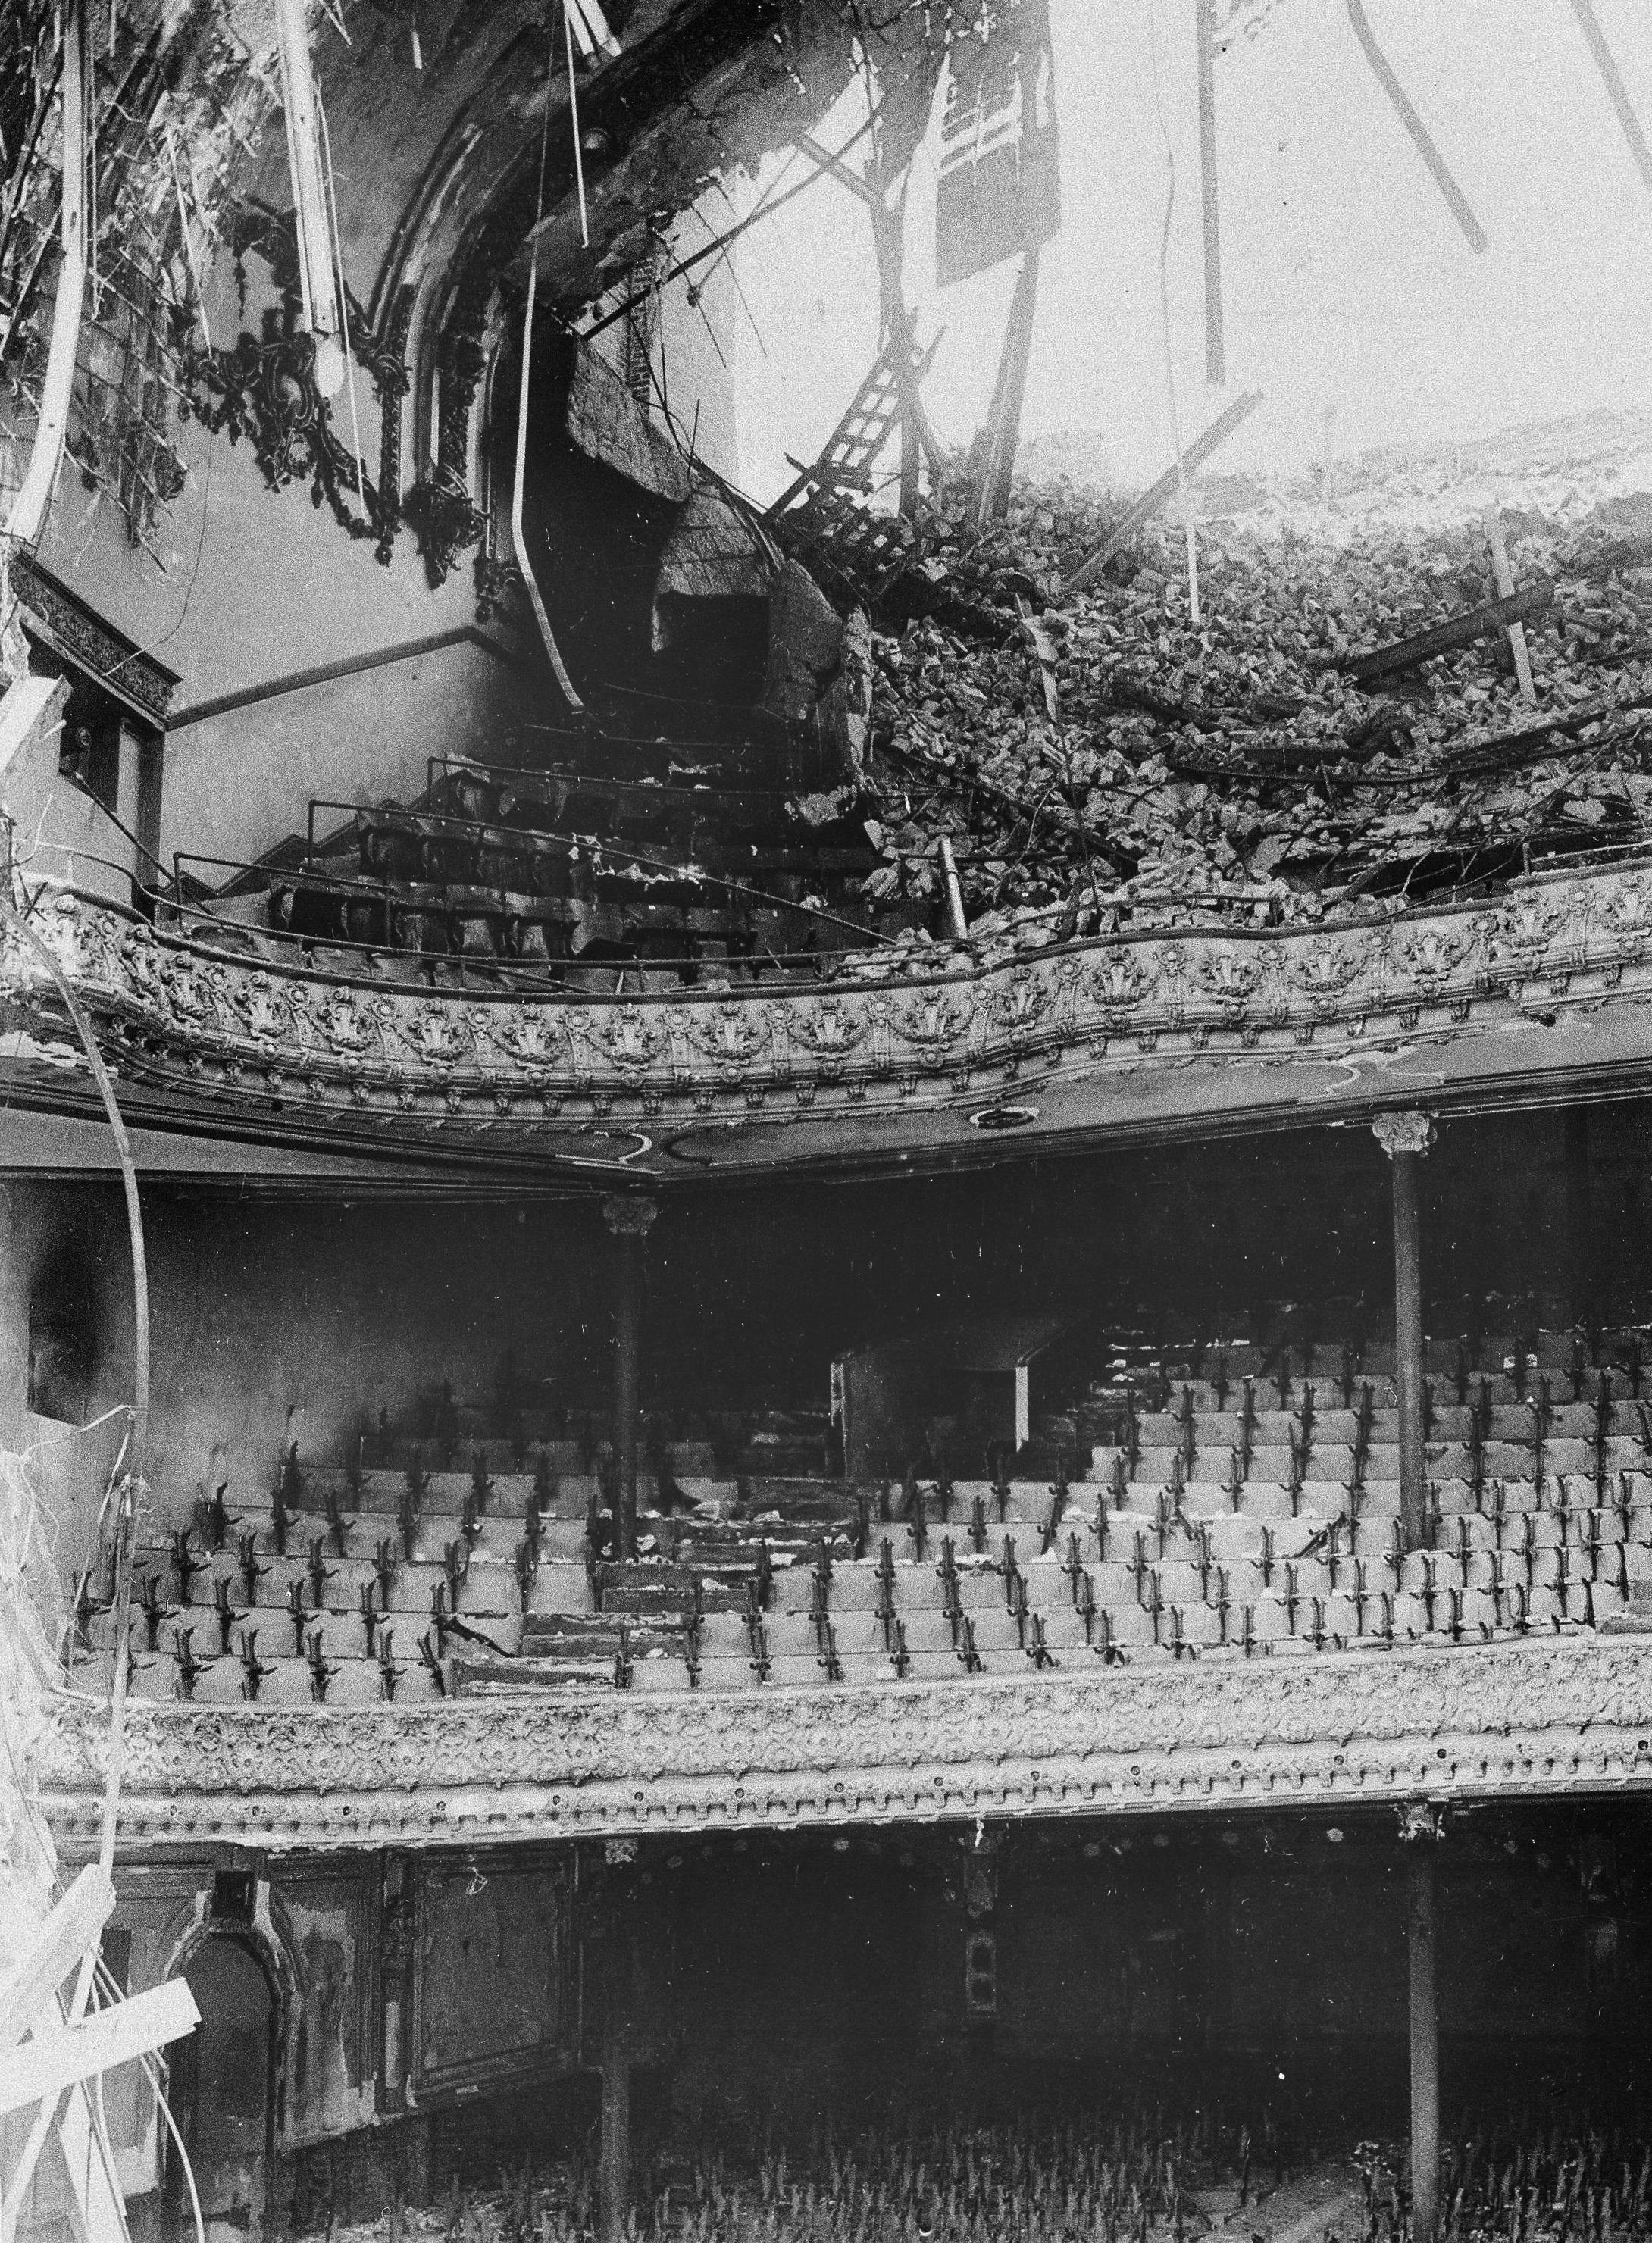 Majestic Theater被震塌,所幸在演出結束六小時後才發生地震。美聯社